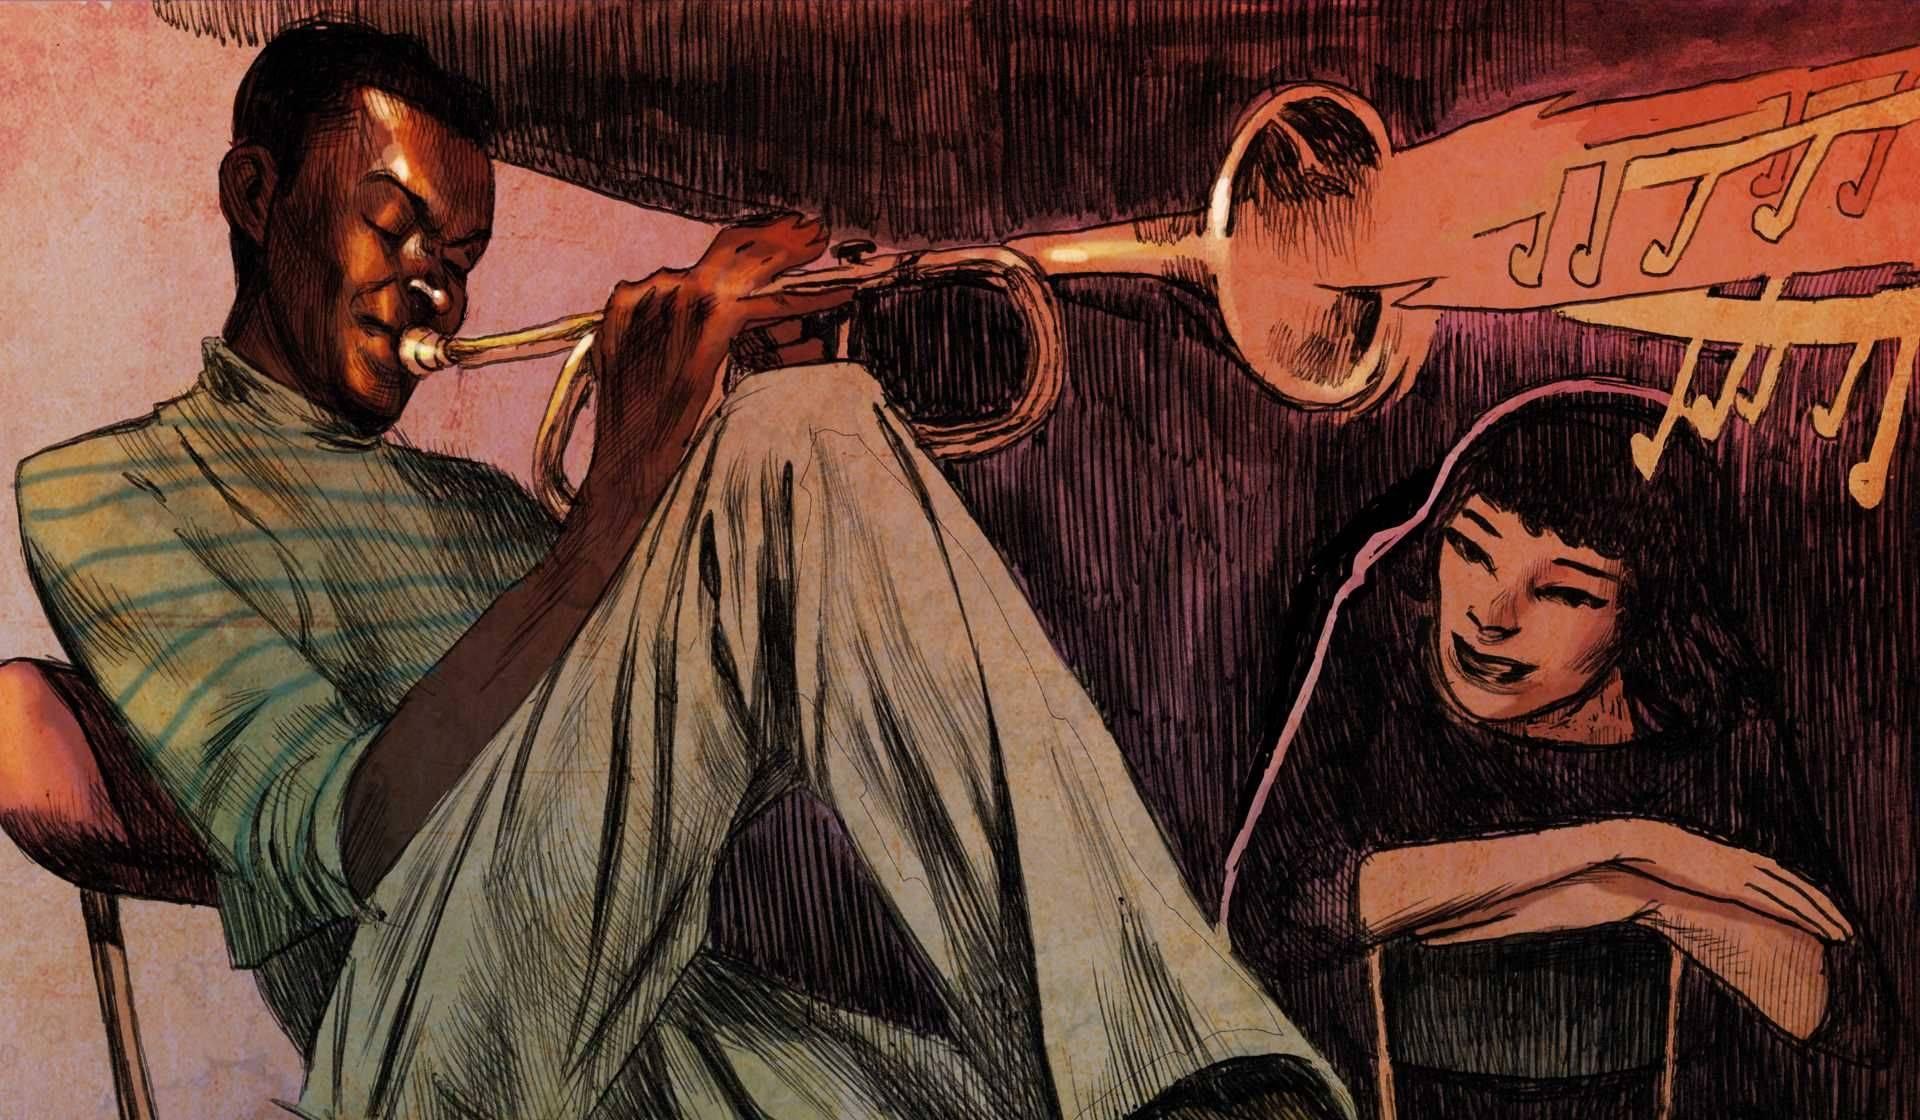 Miles en París un cómic sobre el encuentro de Miles Davis y Juliette Gréco en París de Salva Rubio y Sagar Forniés